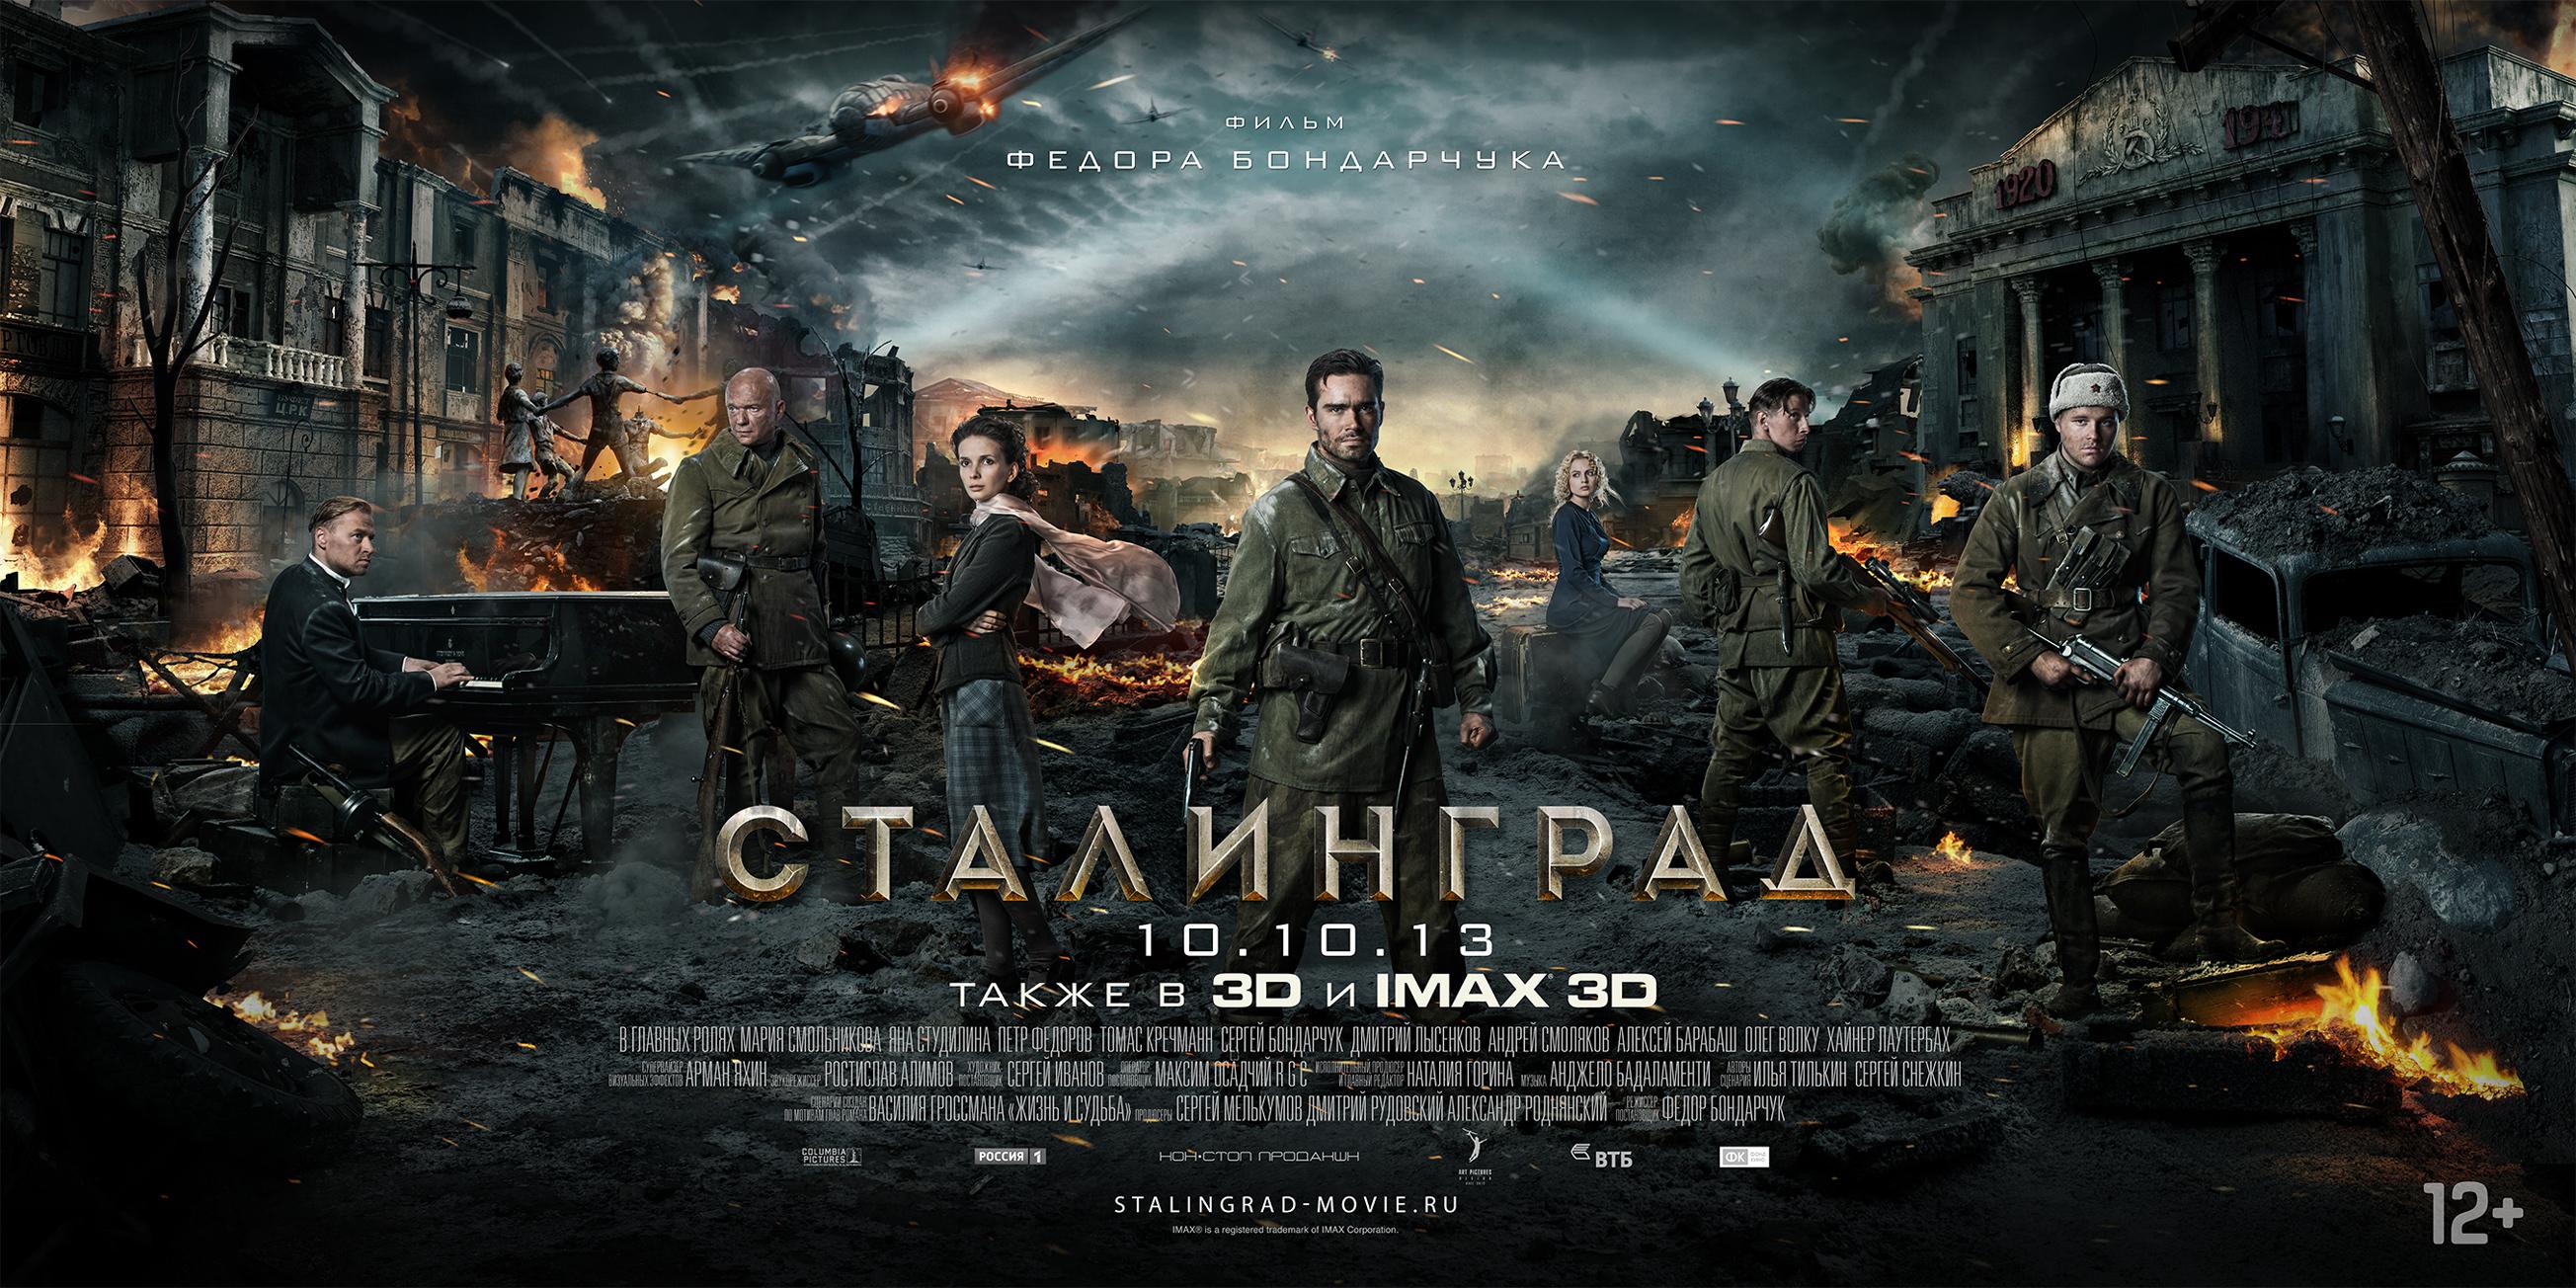 смотреть в онлайн фильмы в хорошем качестве 2013